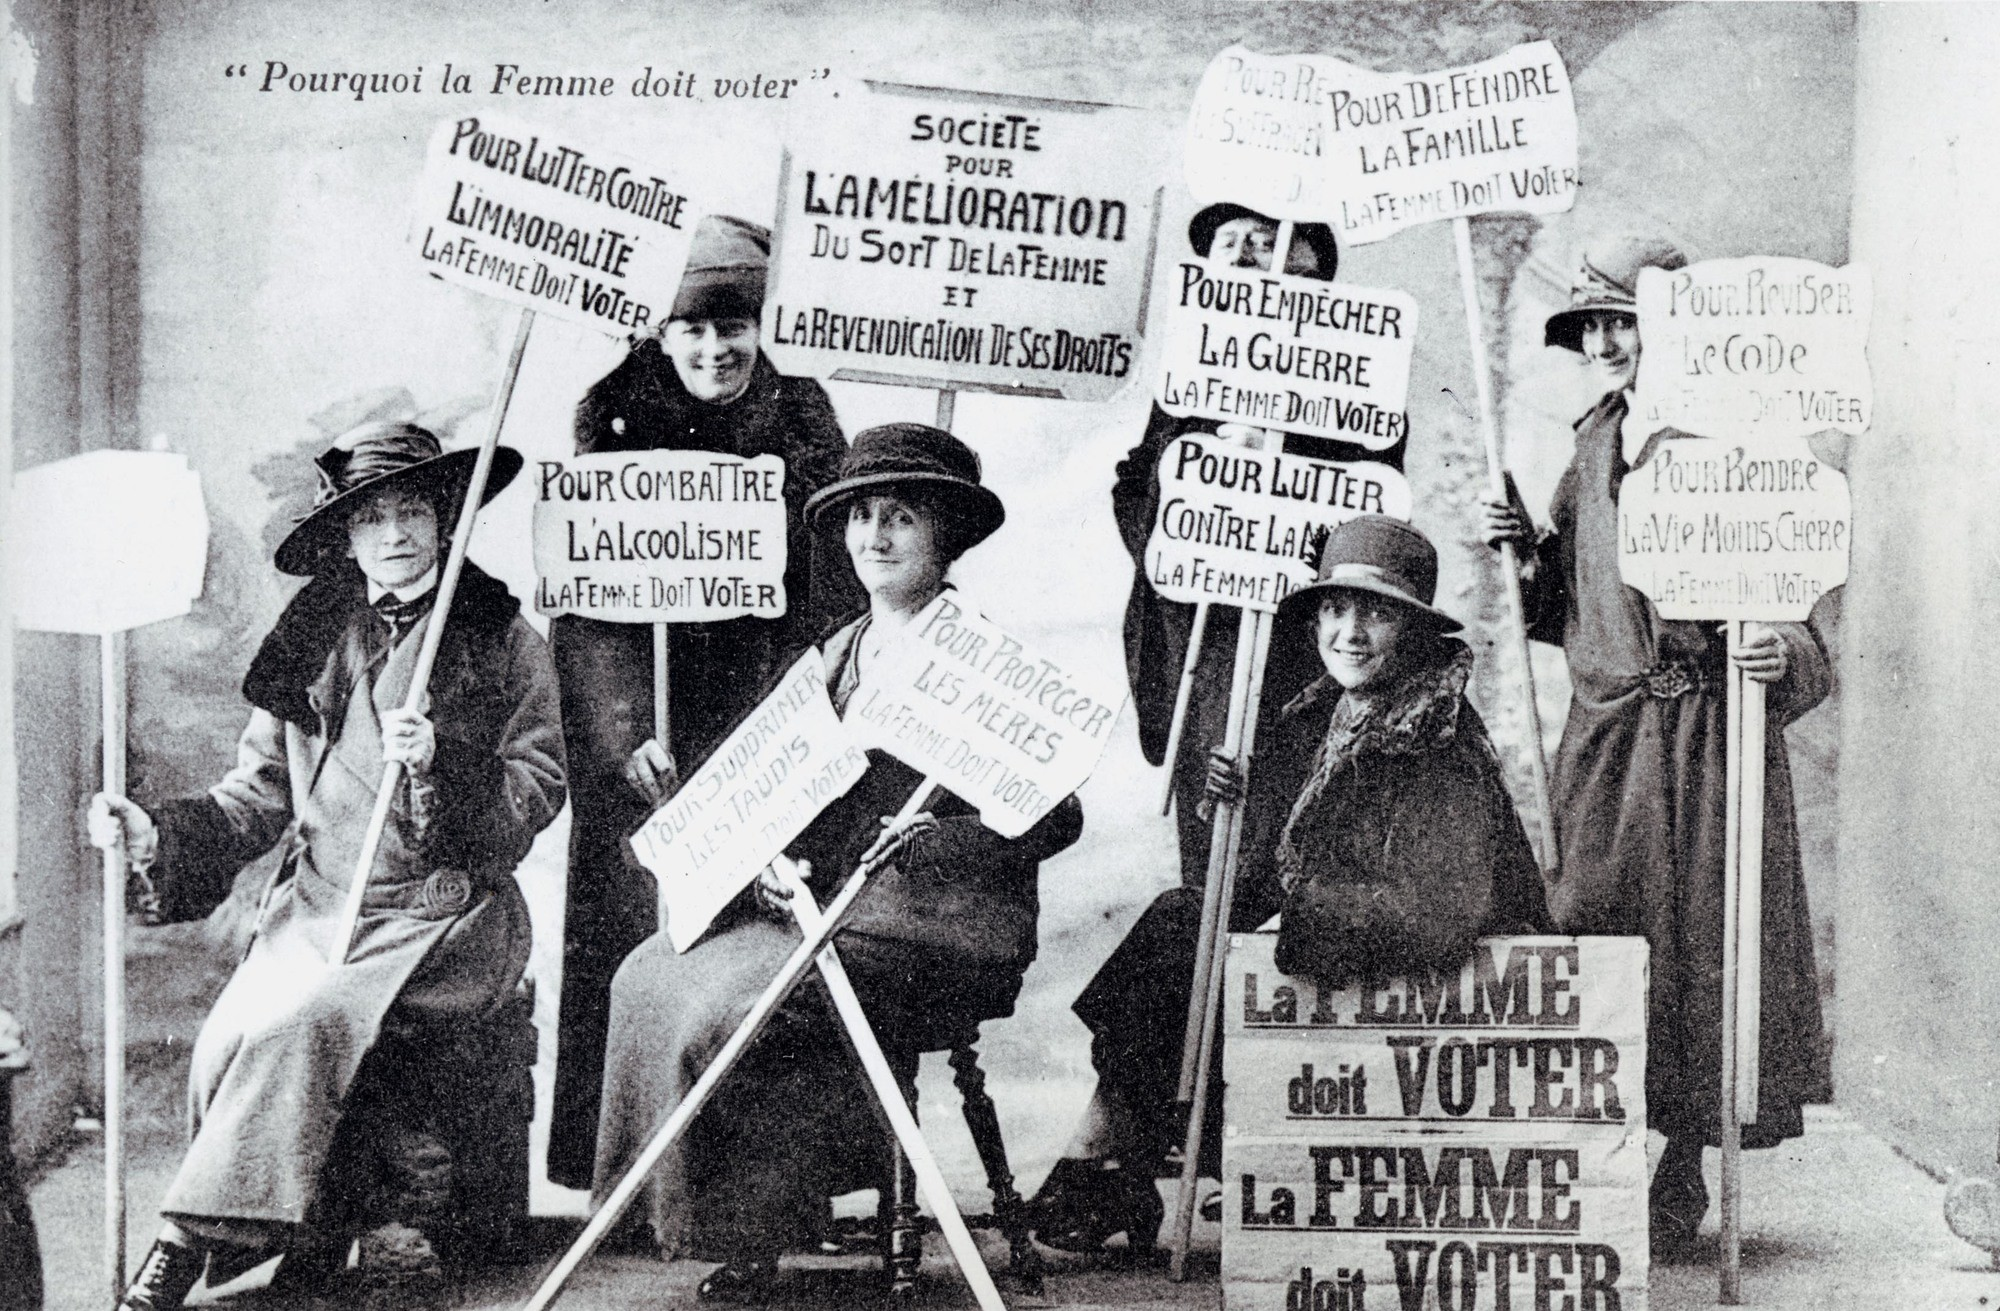 Le 21 avril 1944, les Françaises obtenaient – enfin ! – le droit de vote